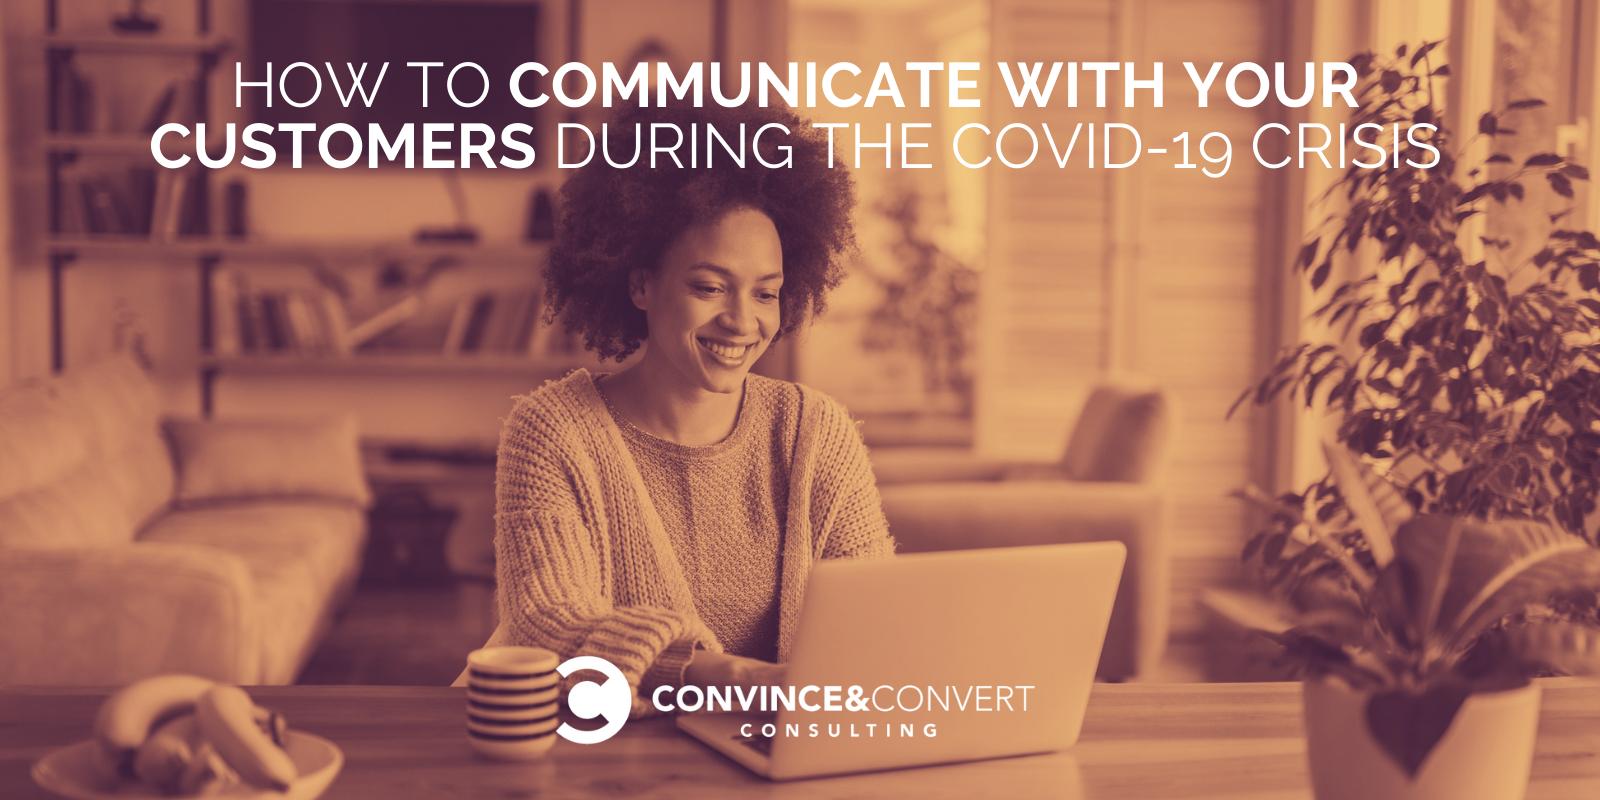 Come comunicare con i clienti durante la crisi COVID-19